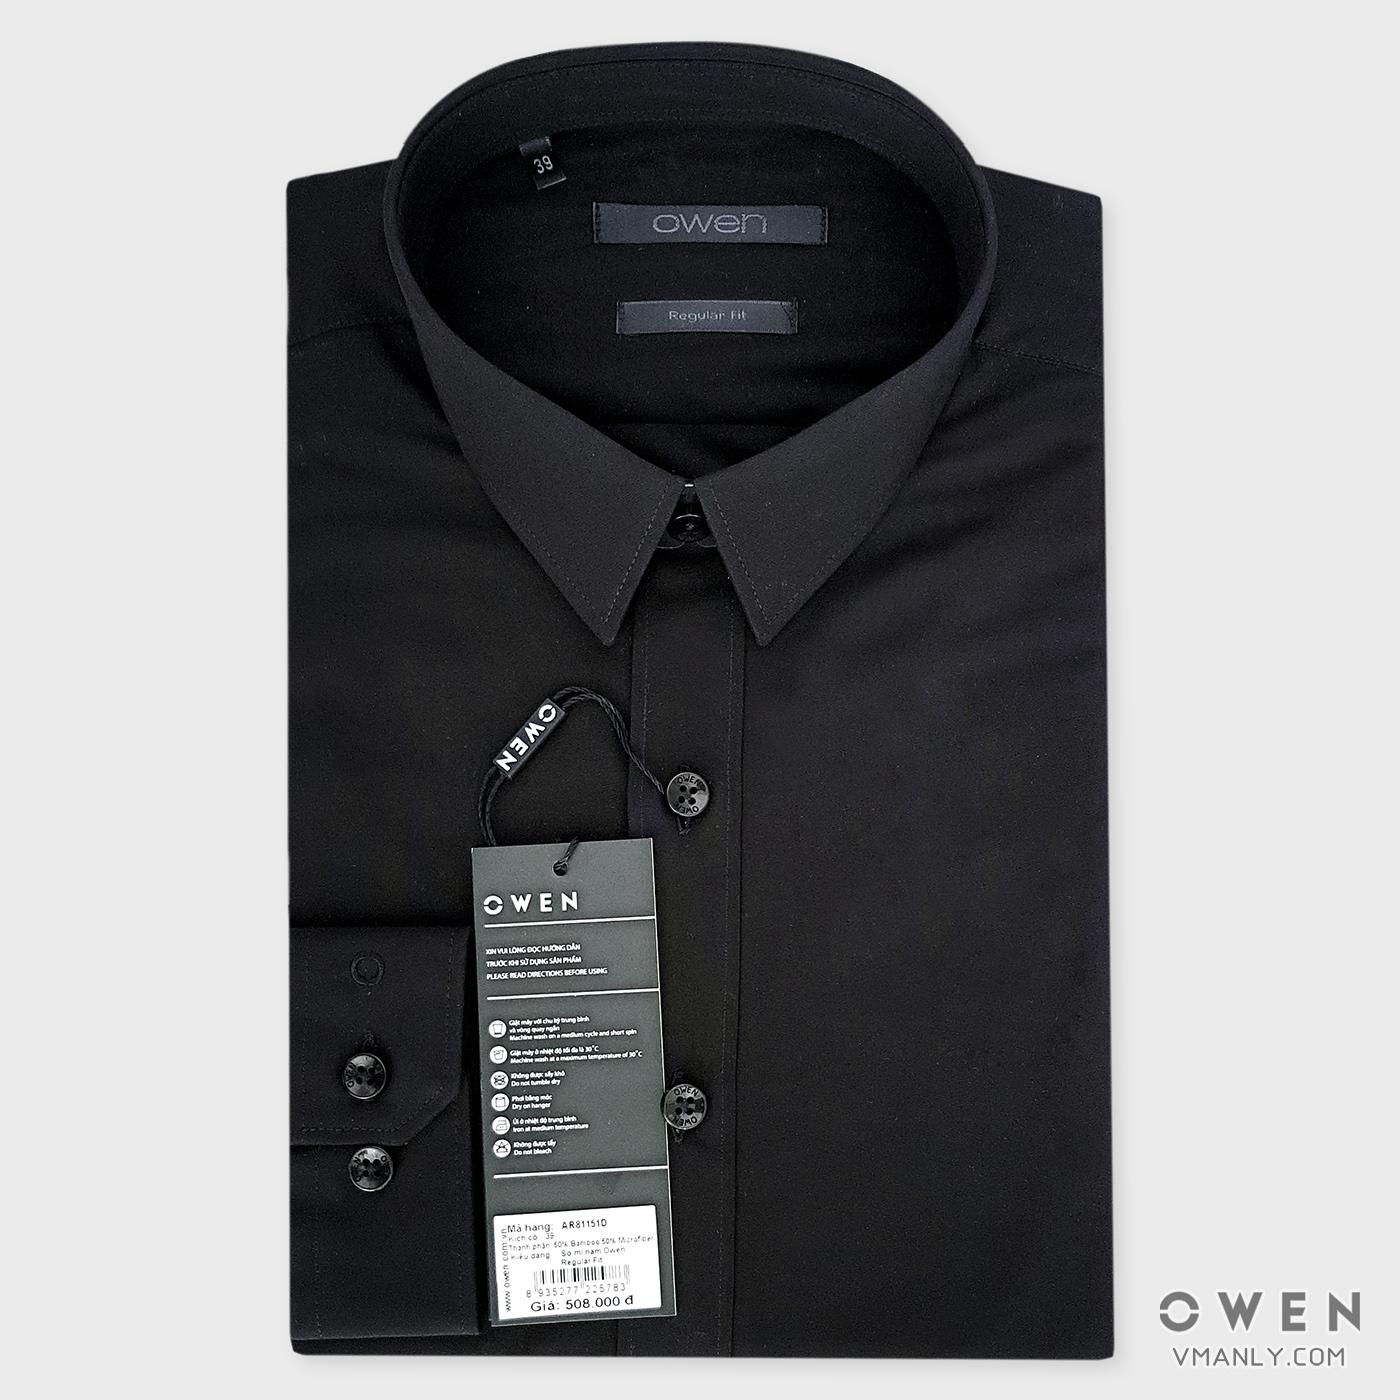 Áo sơ mi nam dài tay Owen màu đen AR81151D